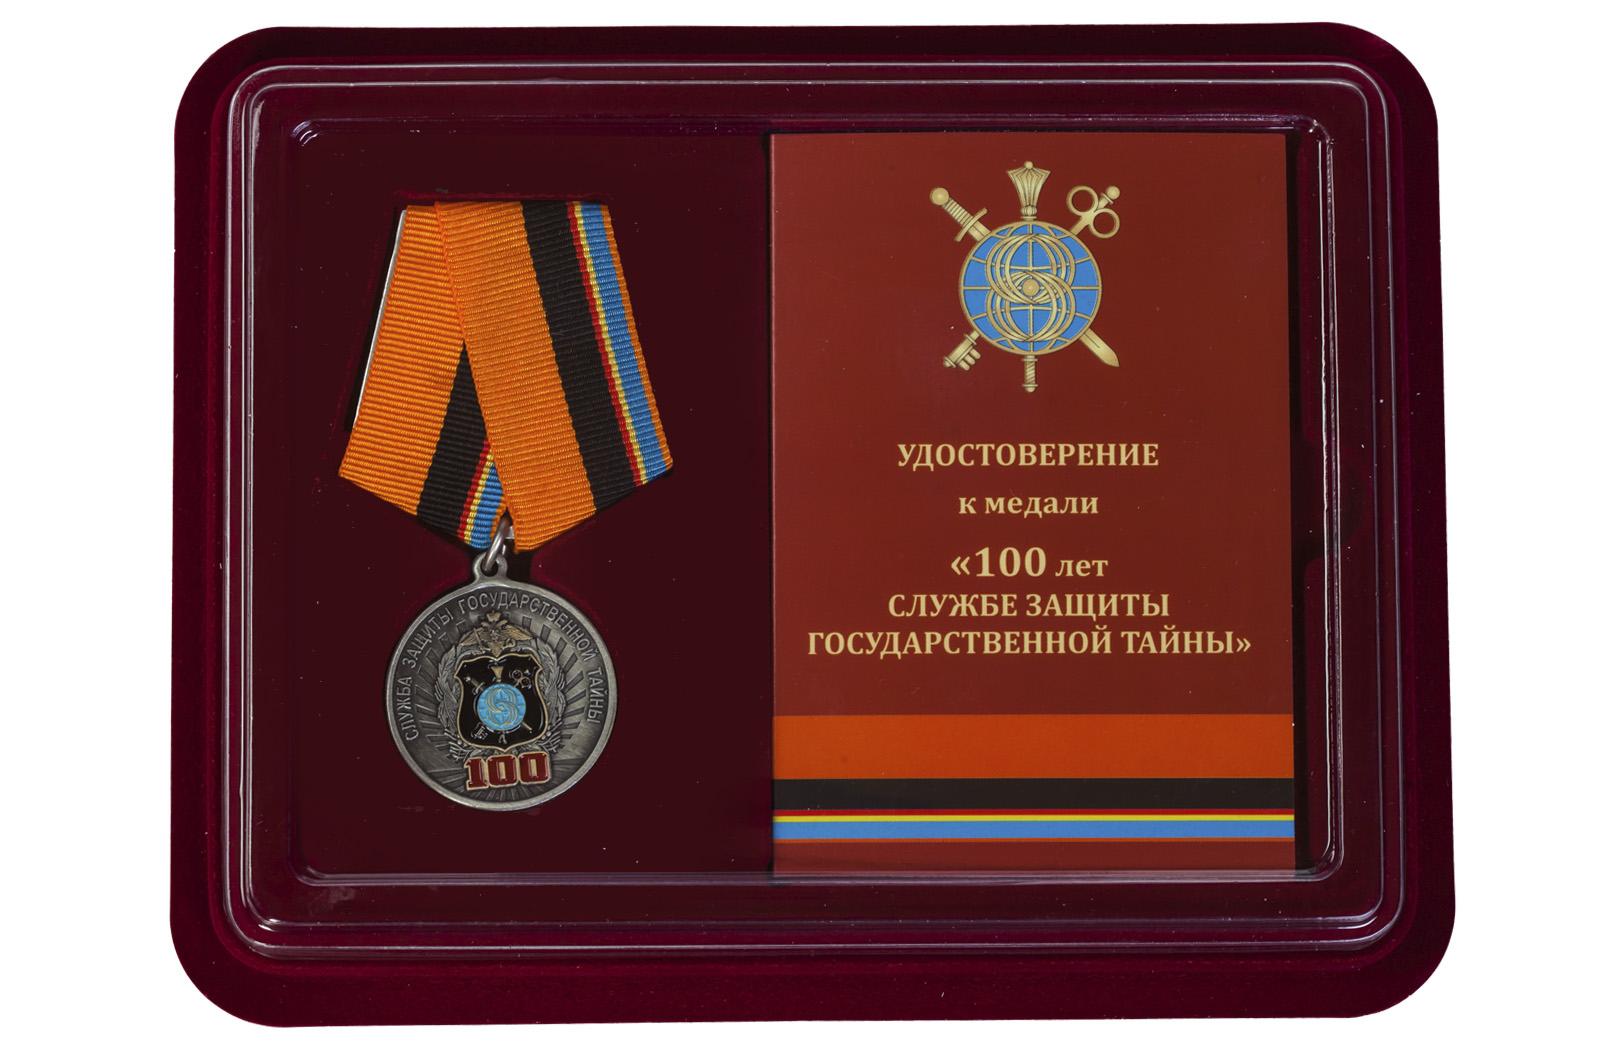 Юбилейная медаль 100 лет Службе защиты государственной тайны